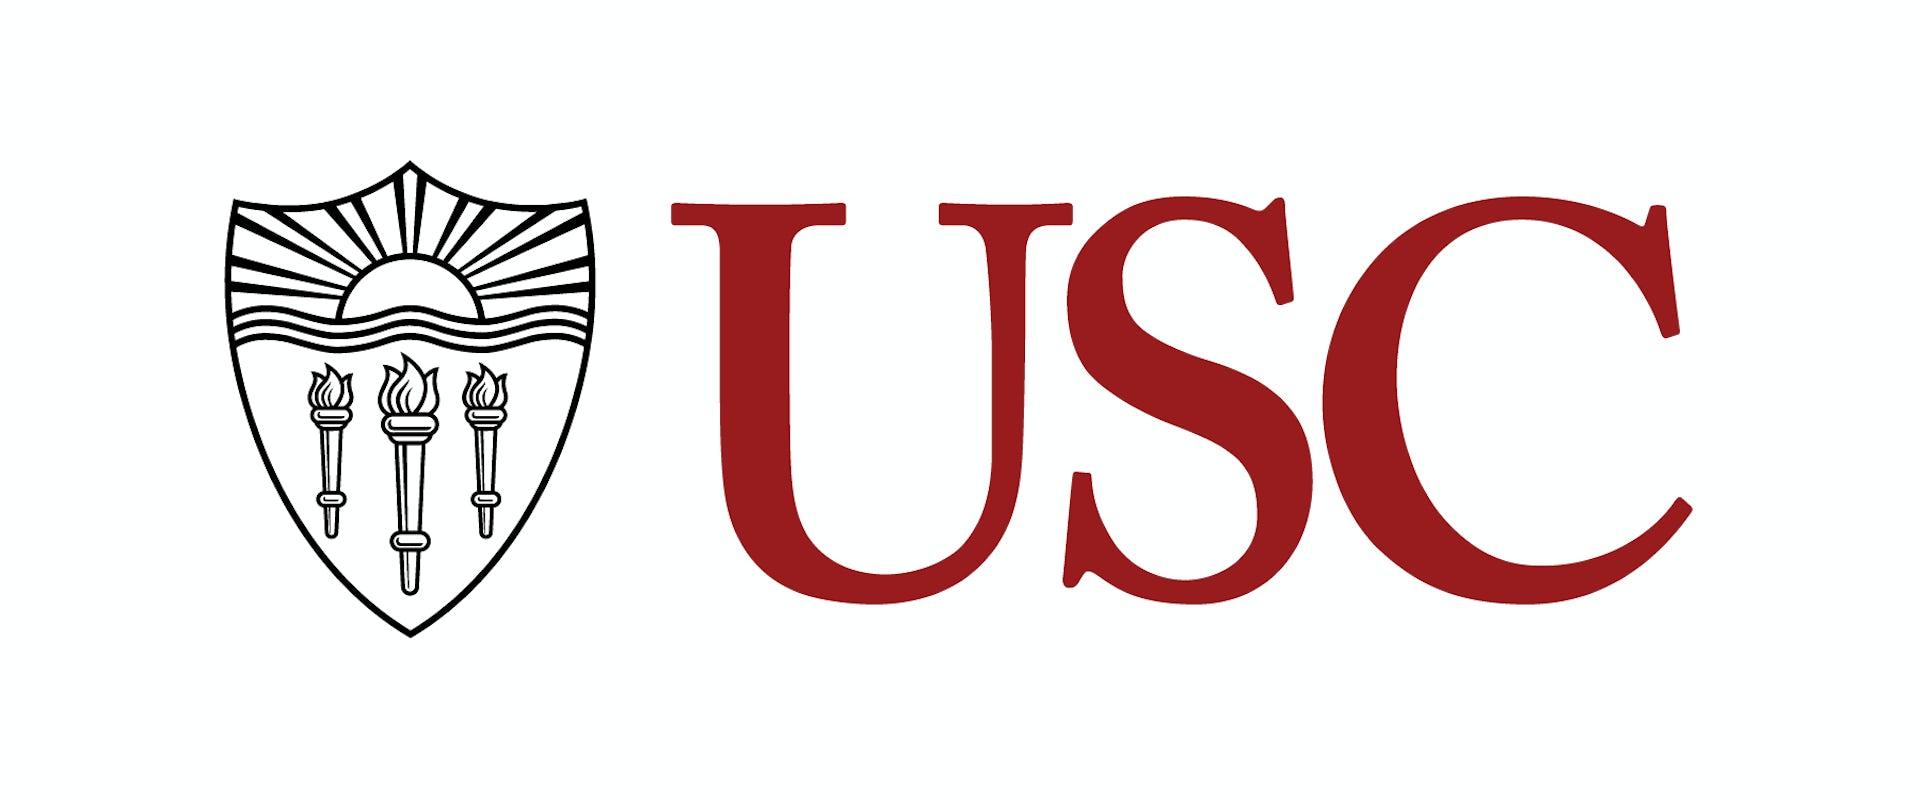 Logo 1551380060.jpg?ixlib=rb 1.1